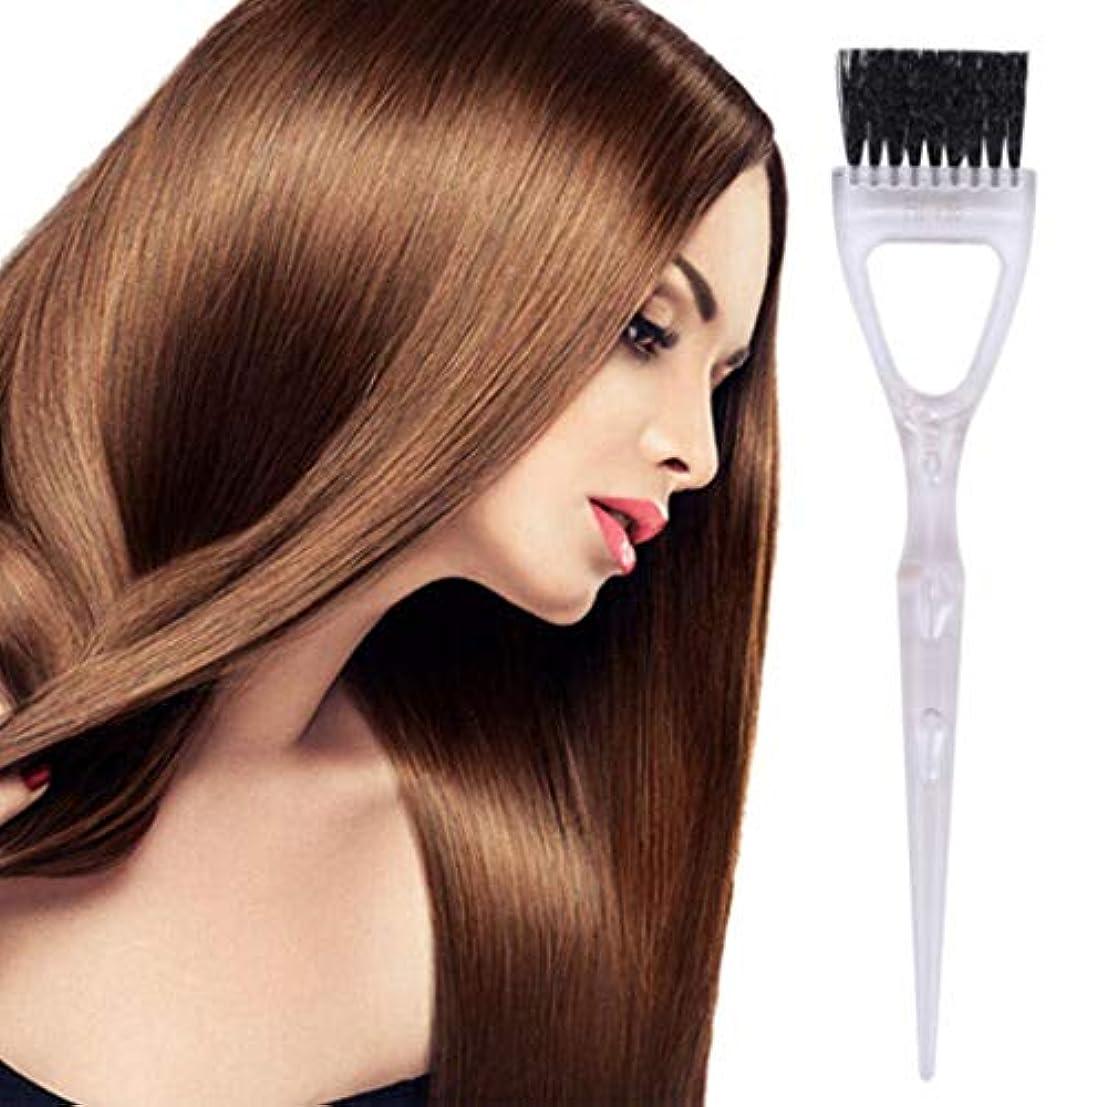 クリエイティブペニー旧正月染毛ブラシヘアブラシサロンコームヘアカラーブラシ染めトーンツールキット、カラーケアの染毛ケラチン